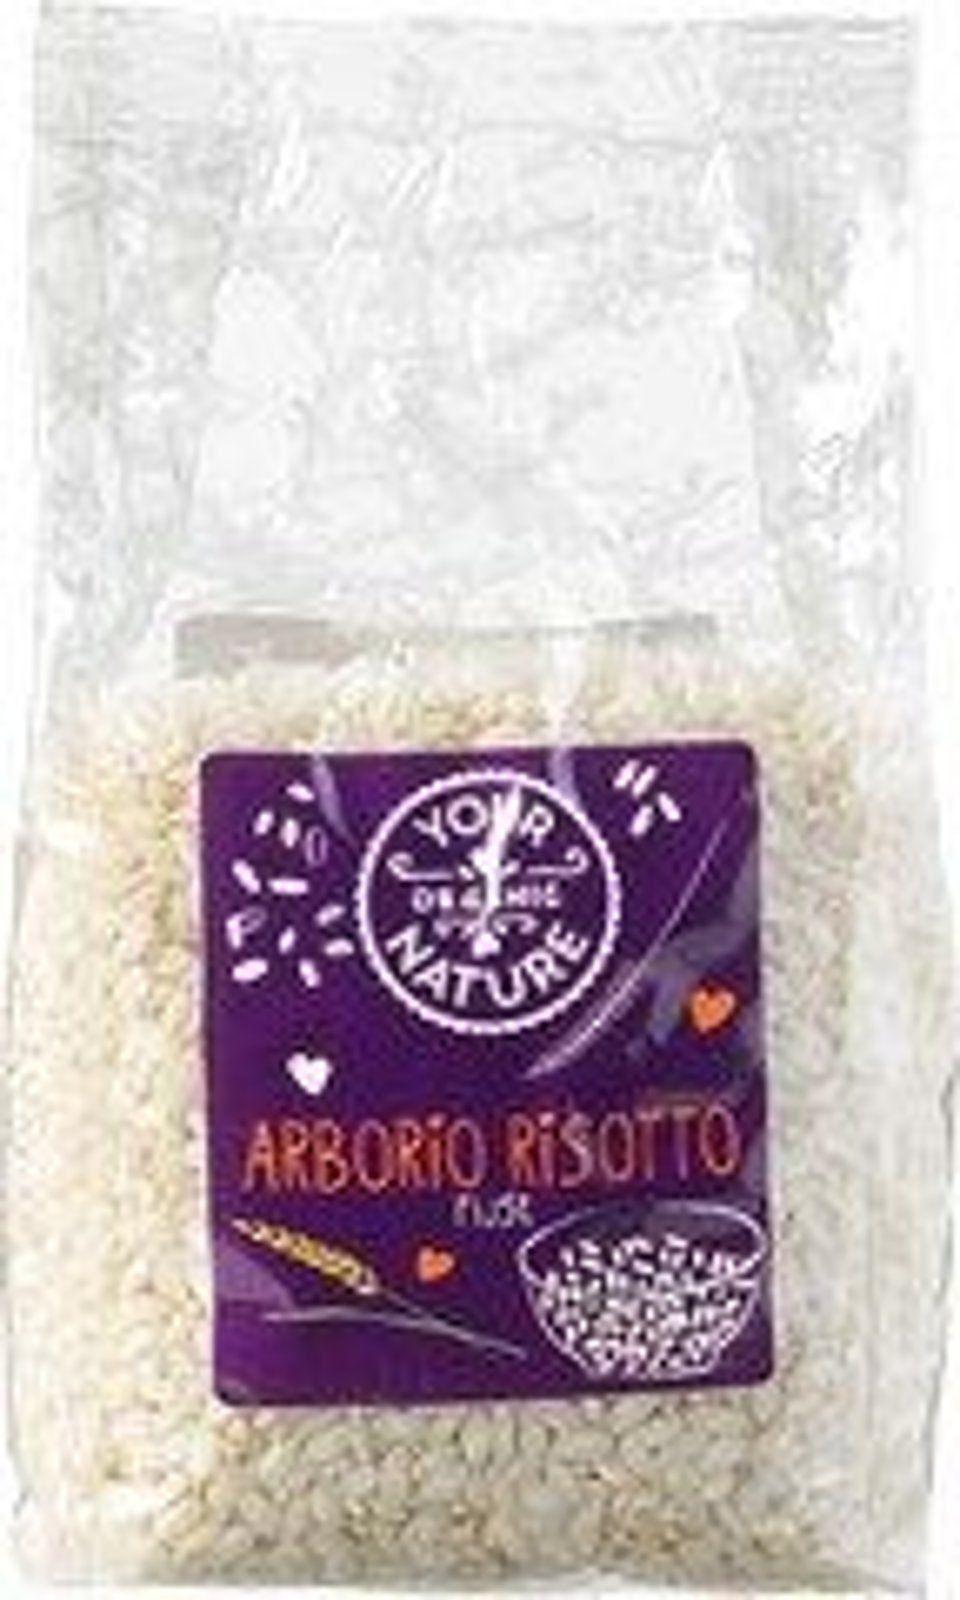 Arborio risotto rijst